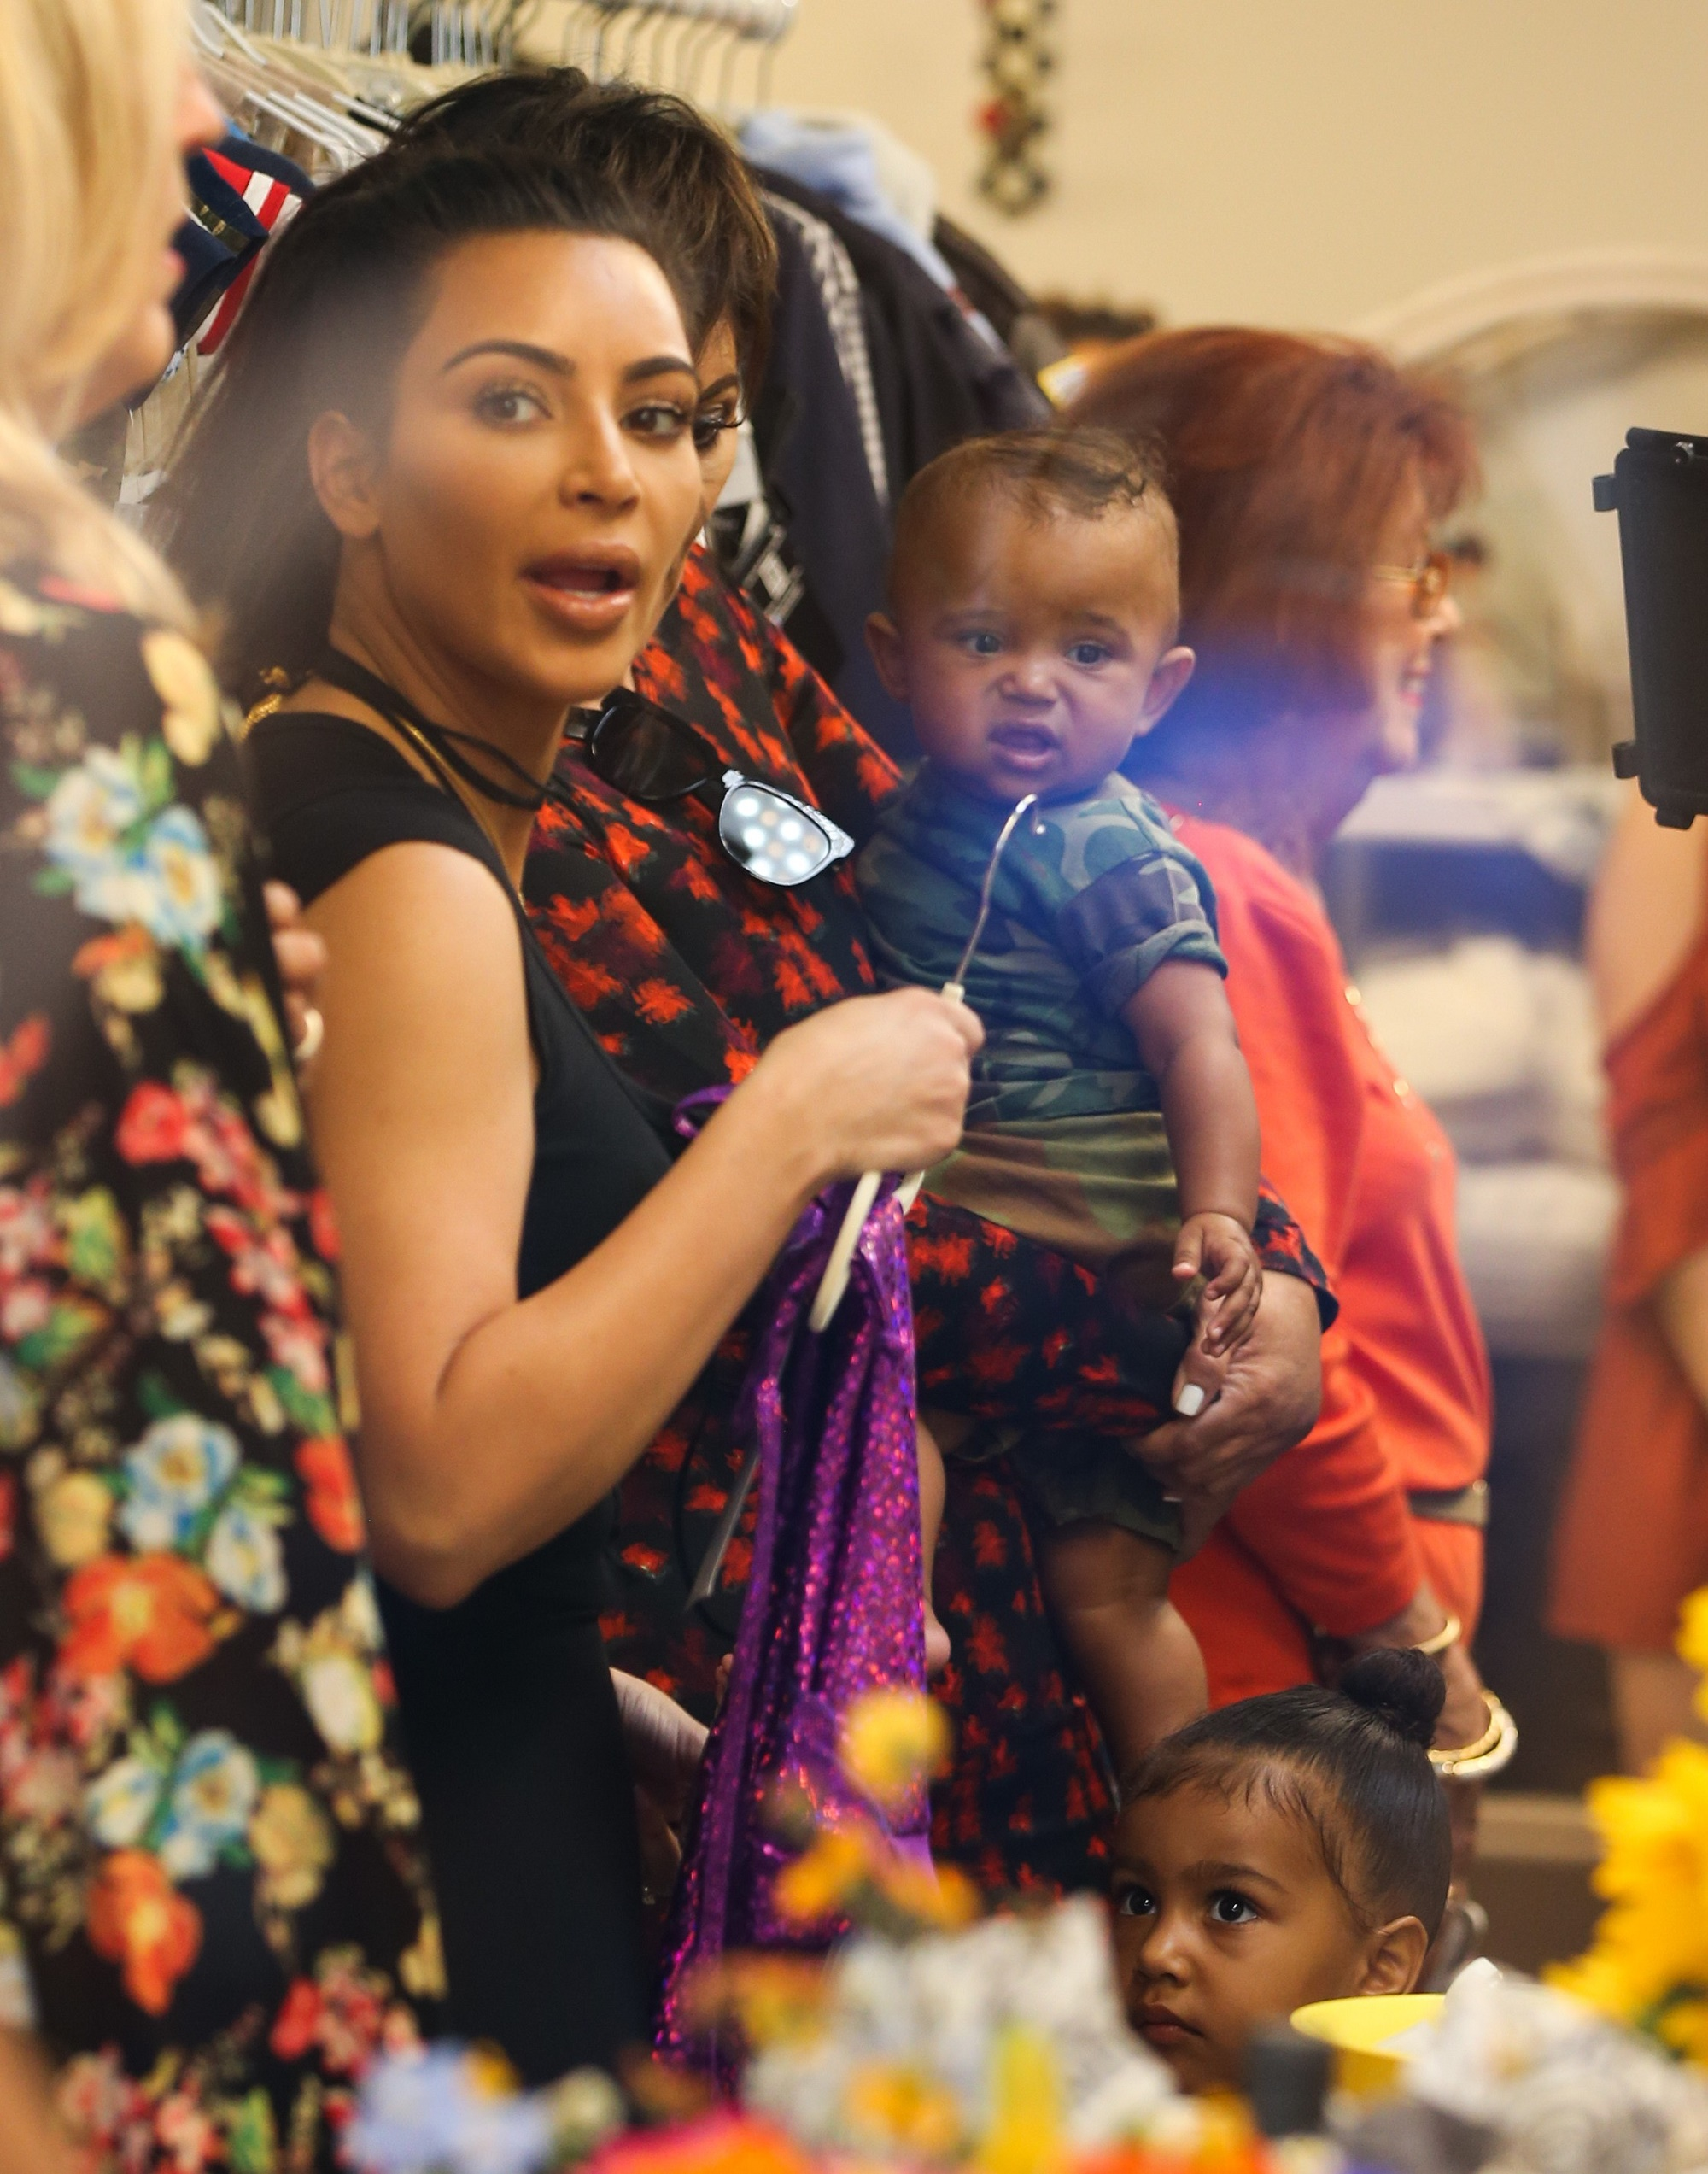 Ким Кардашьян иКанье Уэст запустили детскую линию одежды